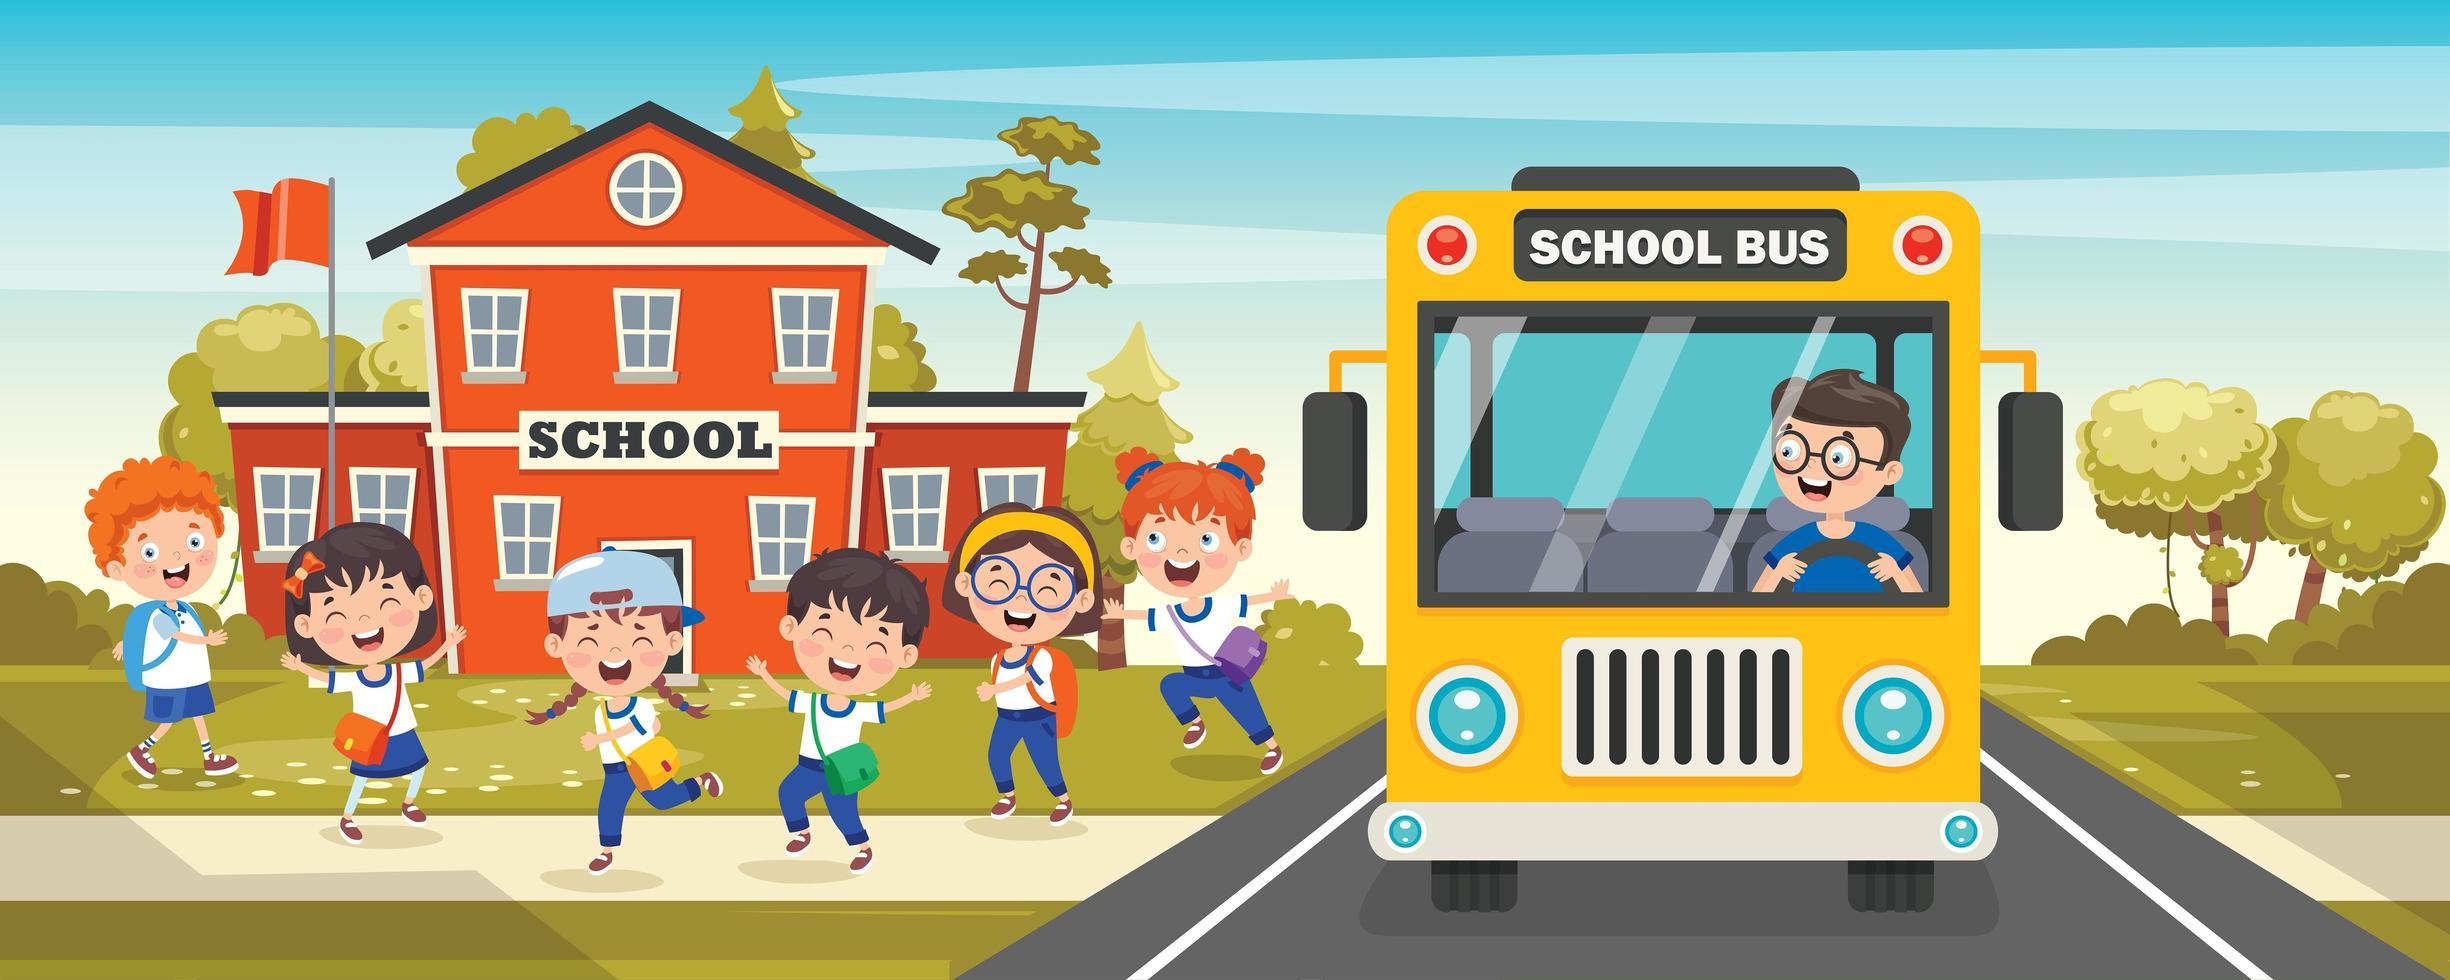 avant de l'autobus scolaire avec les écoliers sortant vecteur